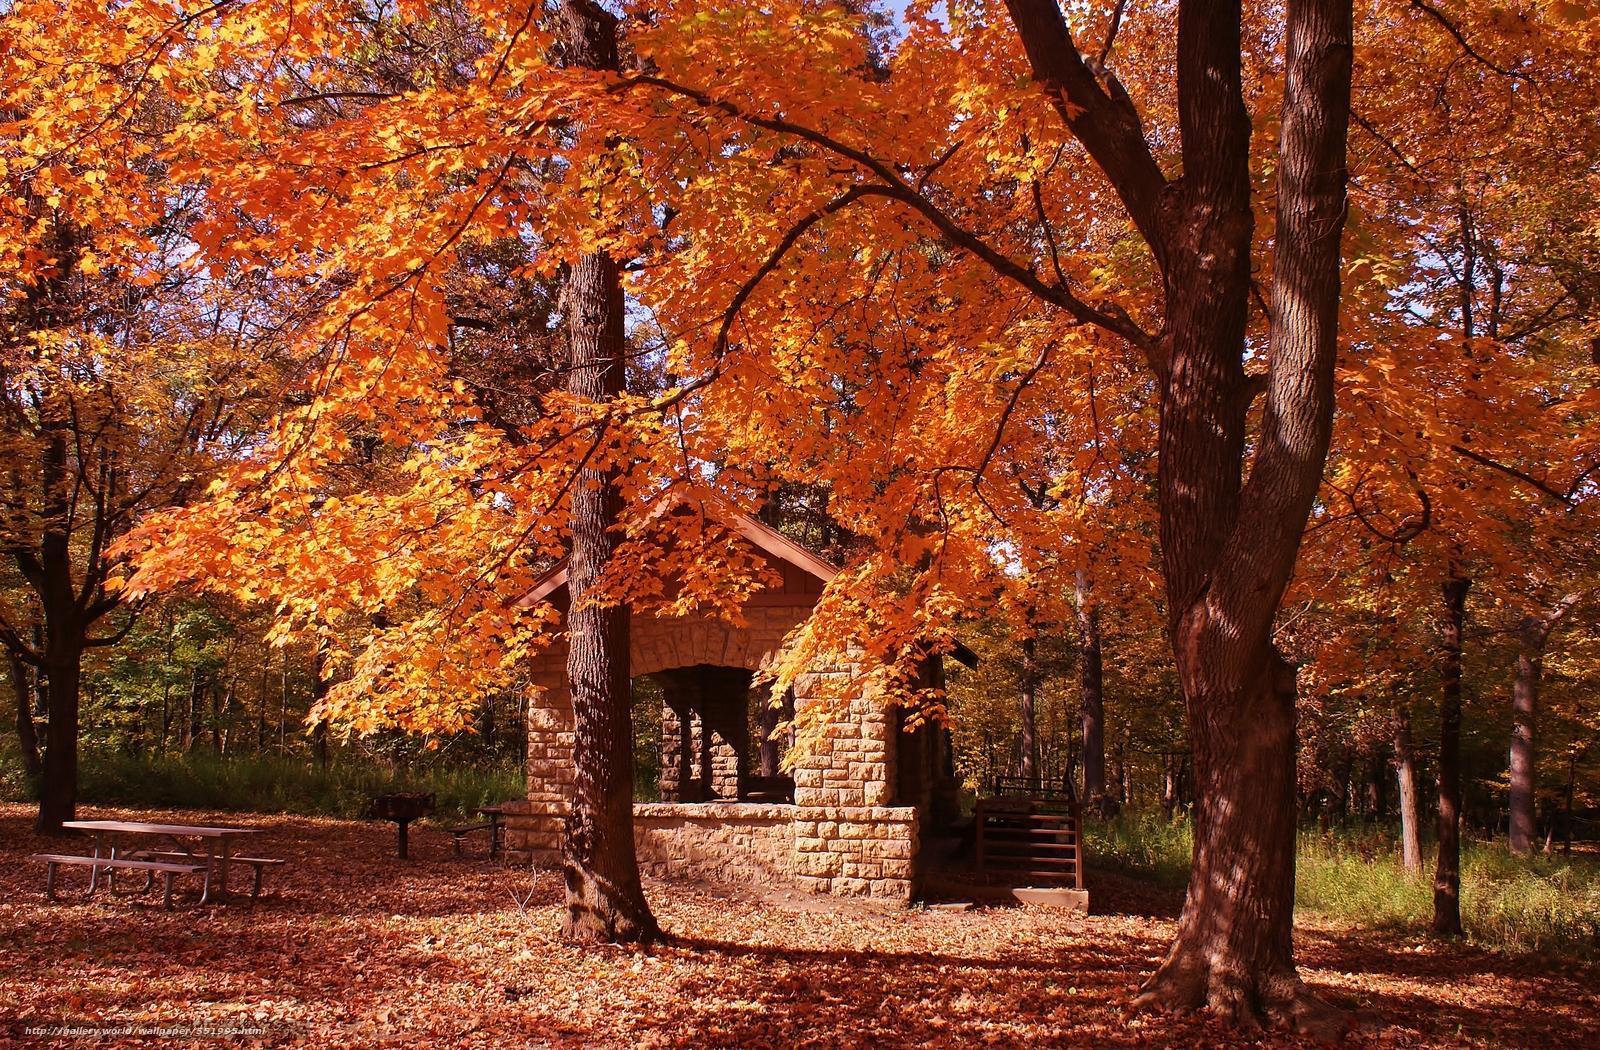 下载壁纸 秋,  公园,  树,  景观 免费为您的桌面分辨率的壁纸 3814x2504 — 图片 №551995